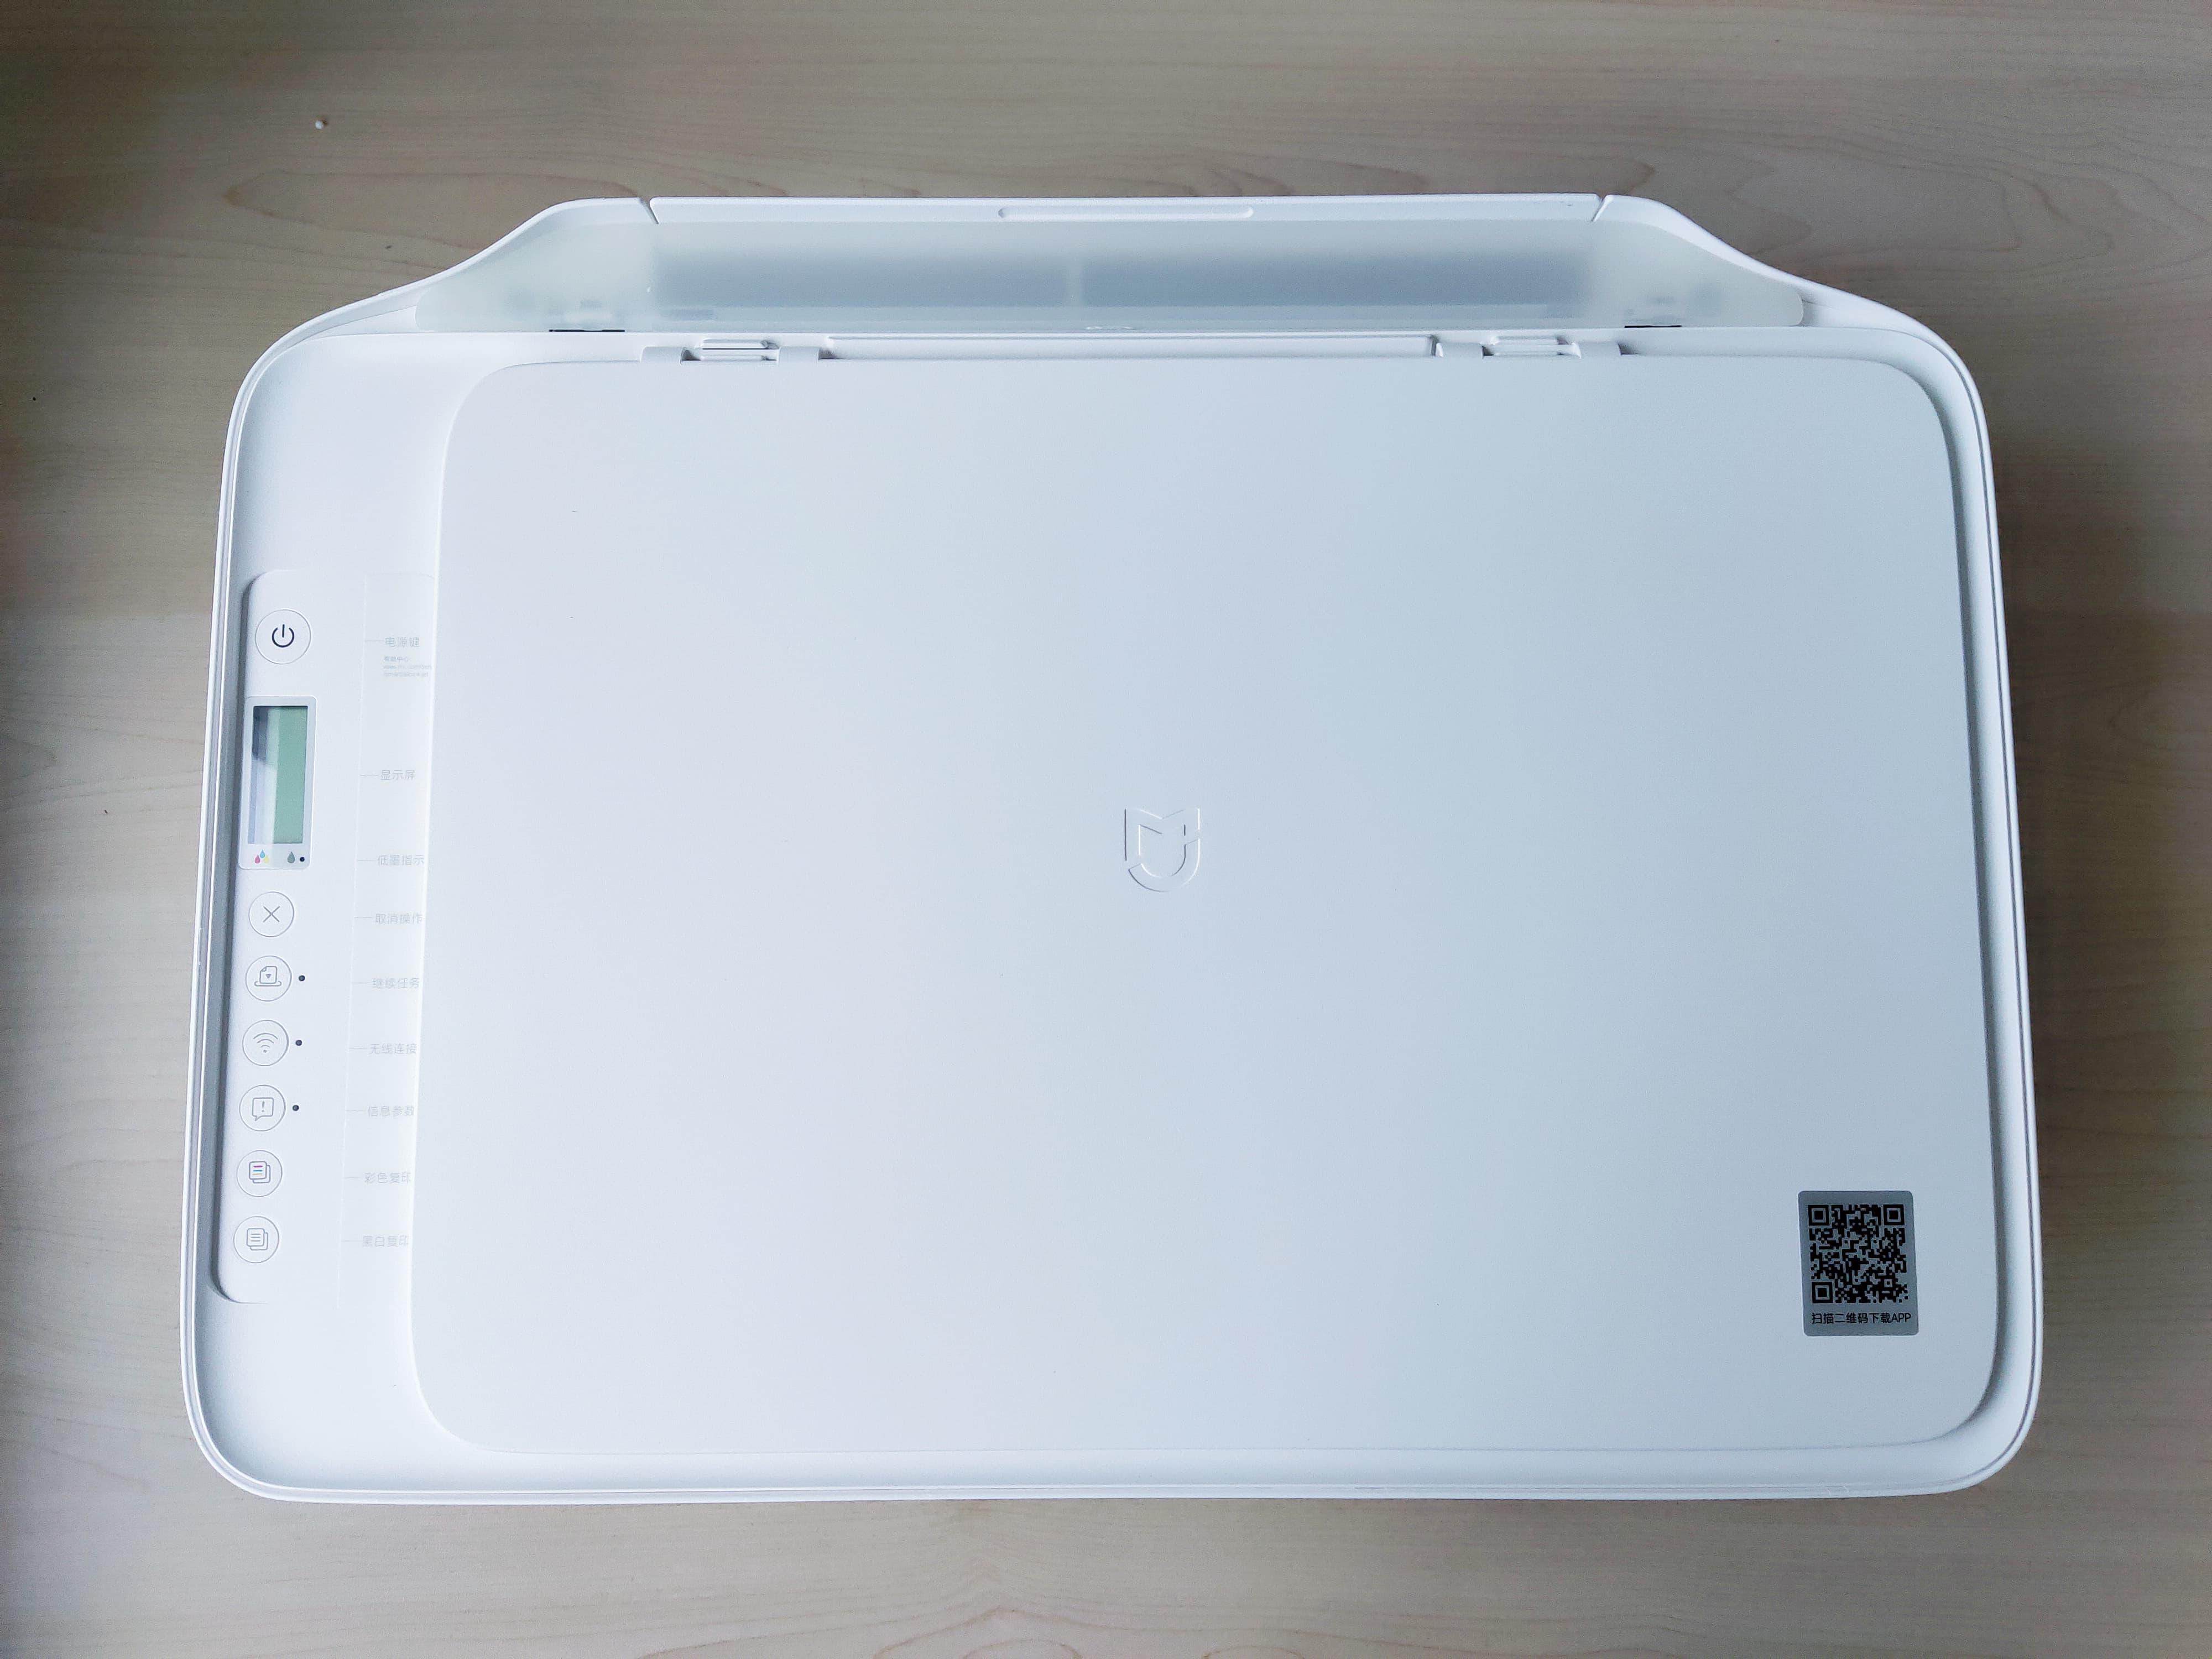 米家喷墨打印一体机开箱:随时随地 喷墨打印